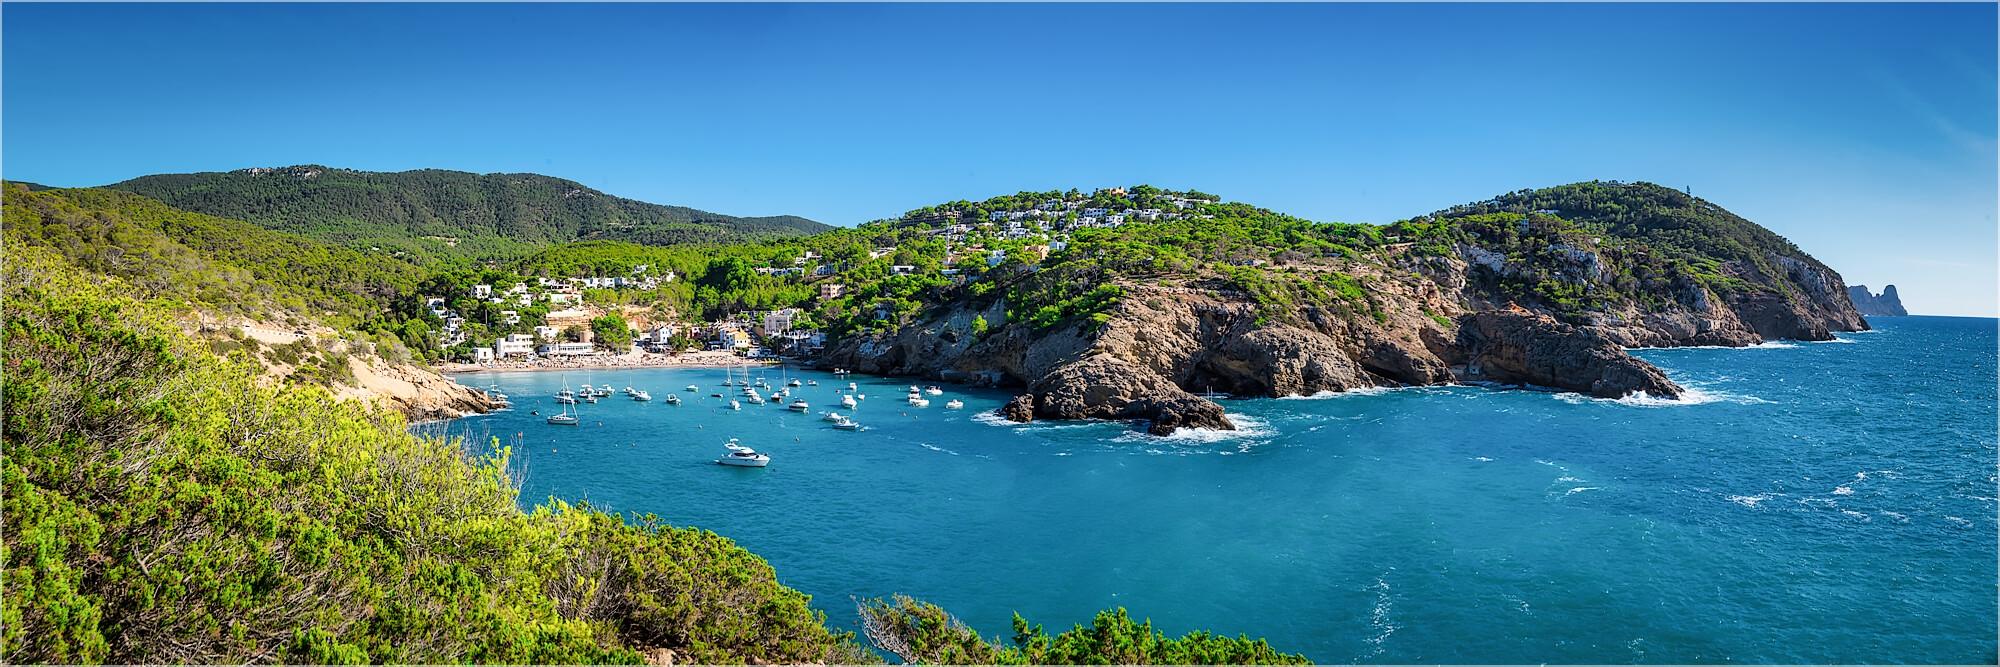 Panoramafoto Küstenlandschaft auf Ibiza